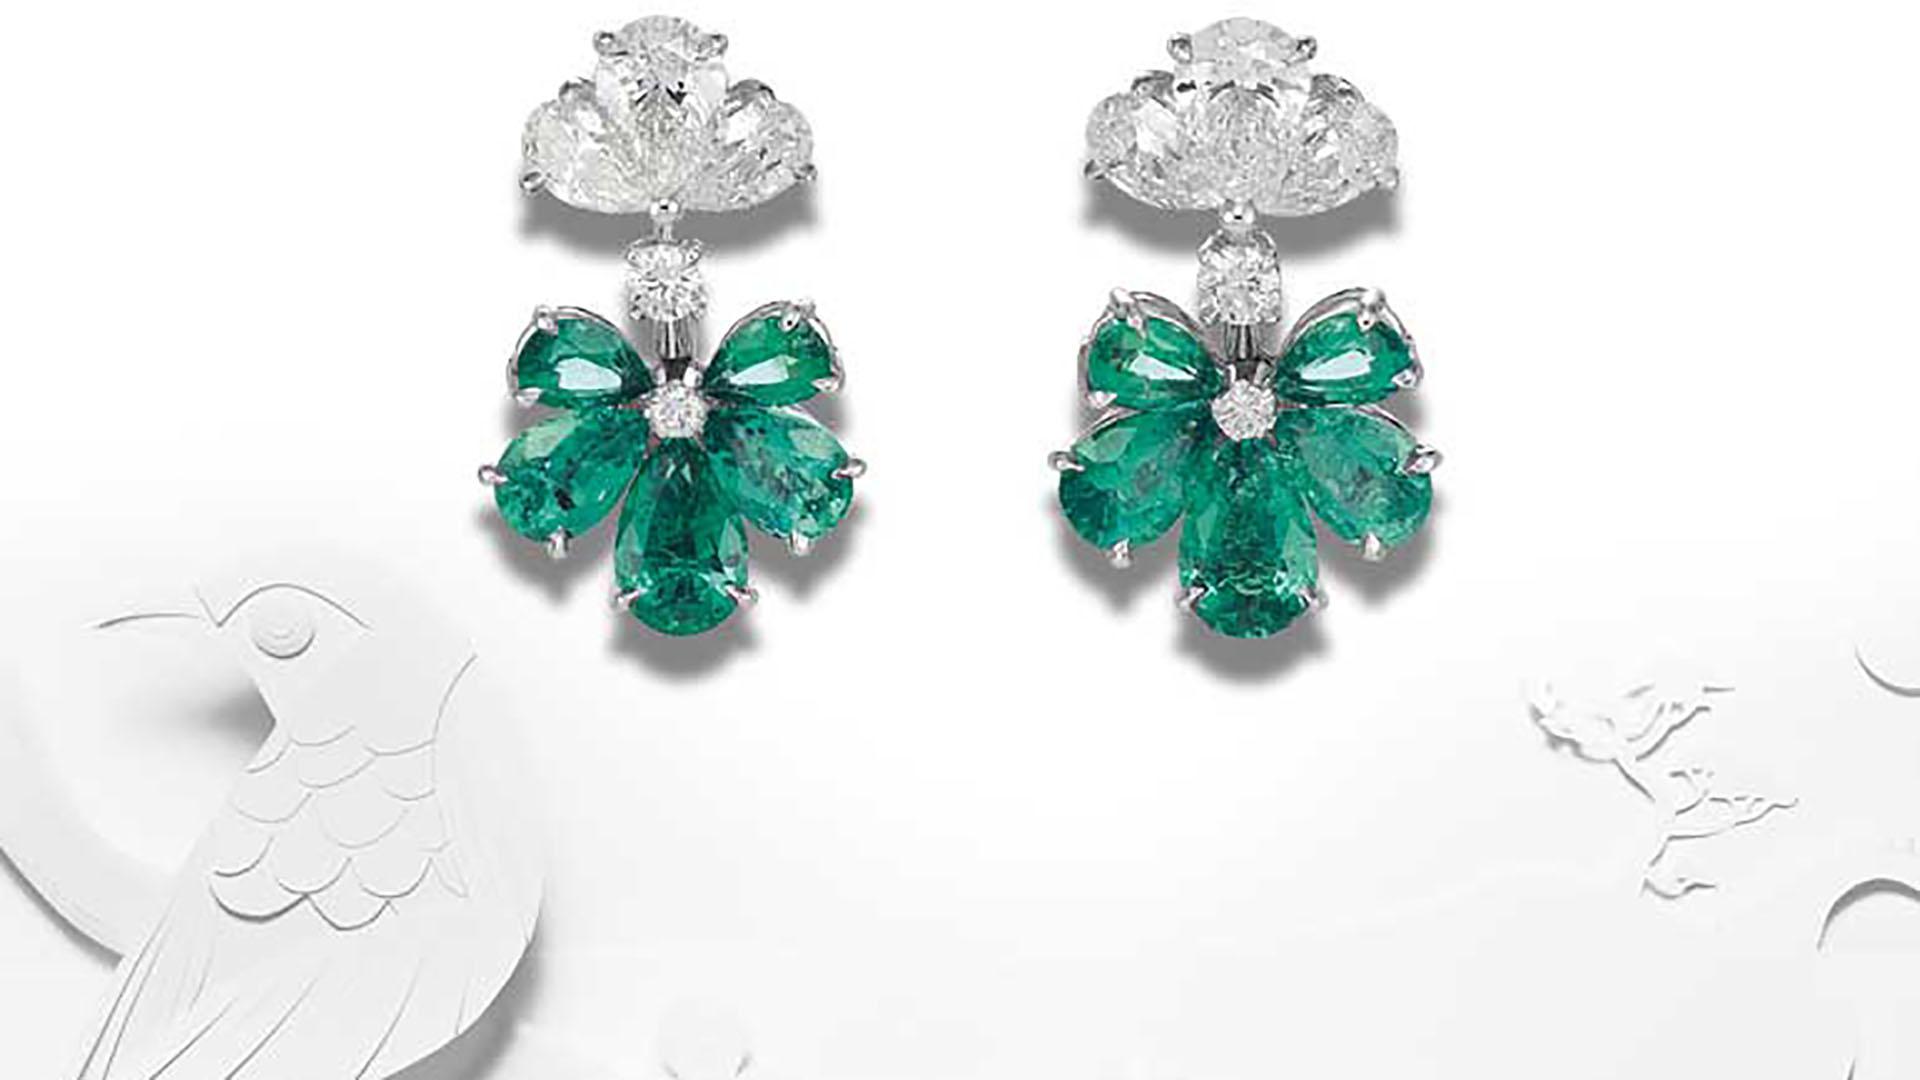 """Pertenecientes a """"Chopard High Jewellery"""" y a la colección de esmeraldas y brillantes, estos pendientes en forma de flor son verdaderos tesoros de la joyería fina y vanguardista que presenta la firma suiza (Chopard)"""